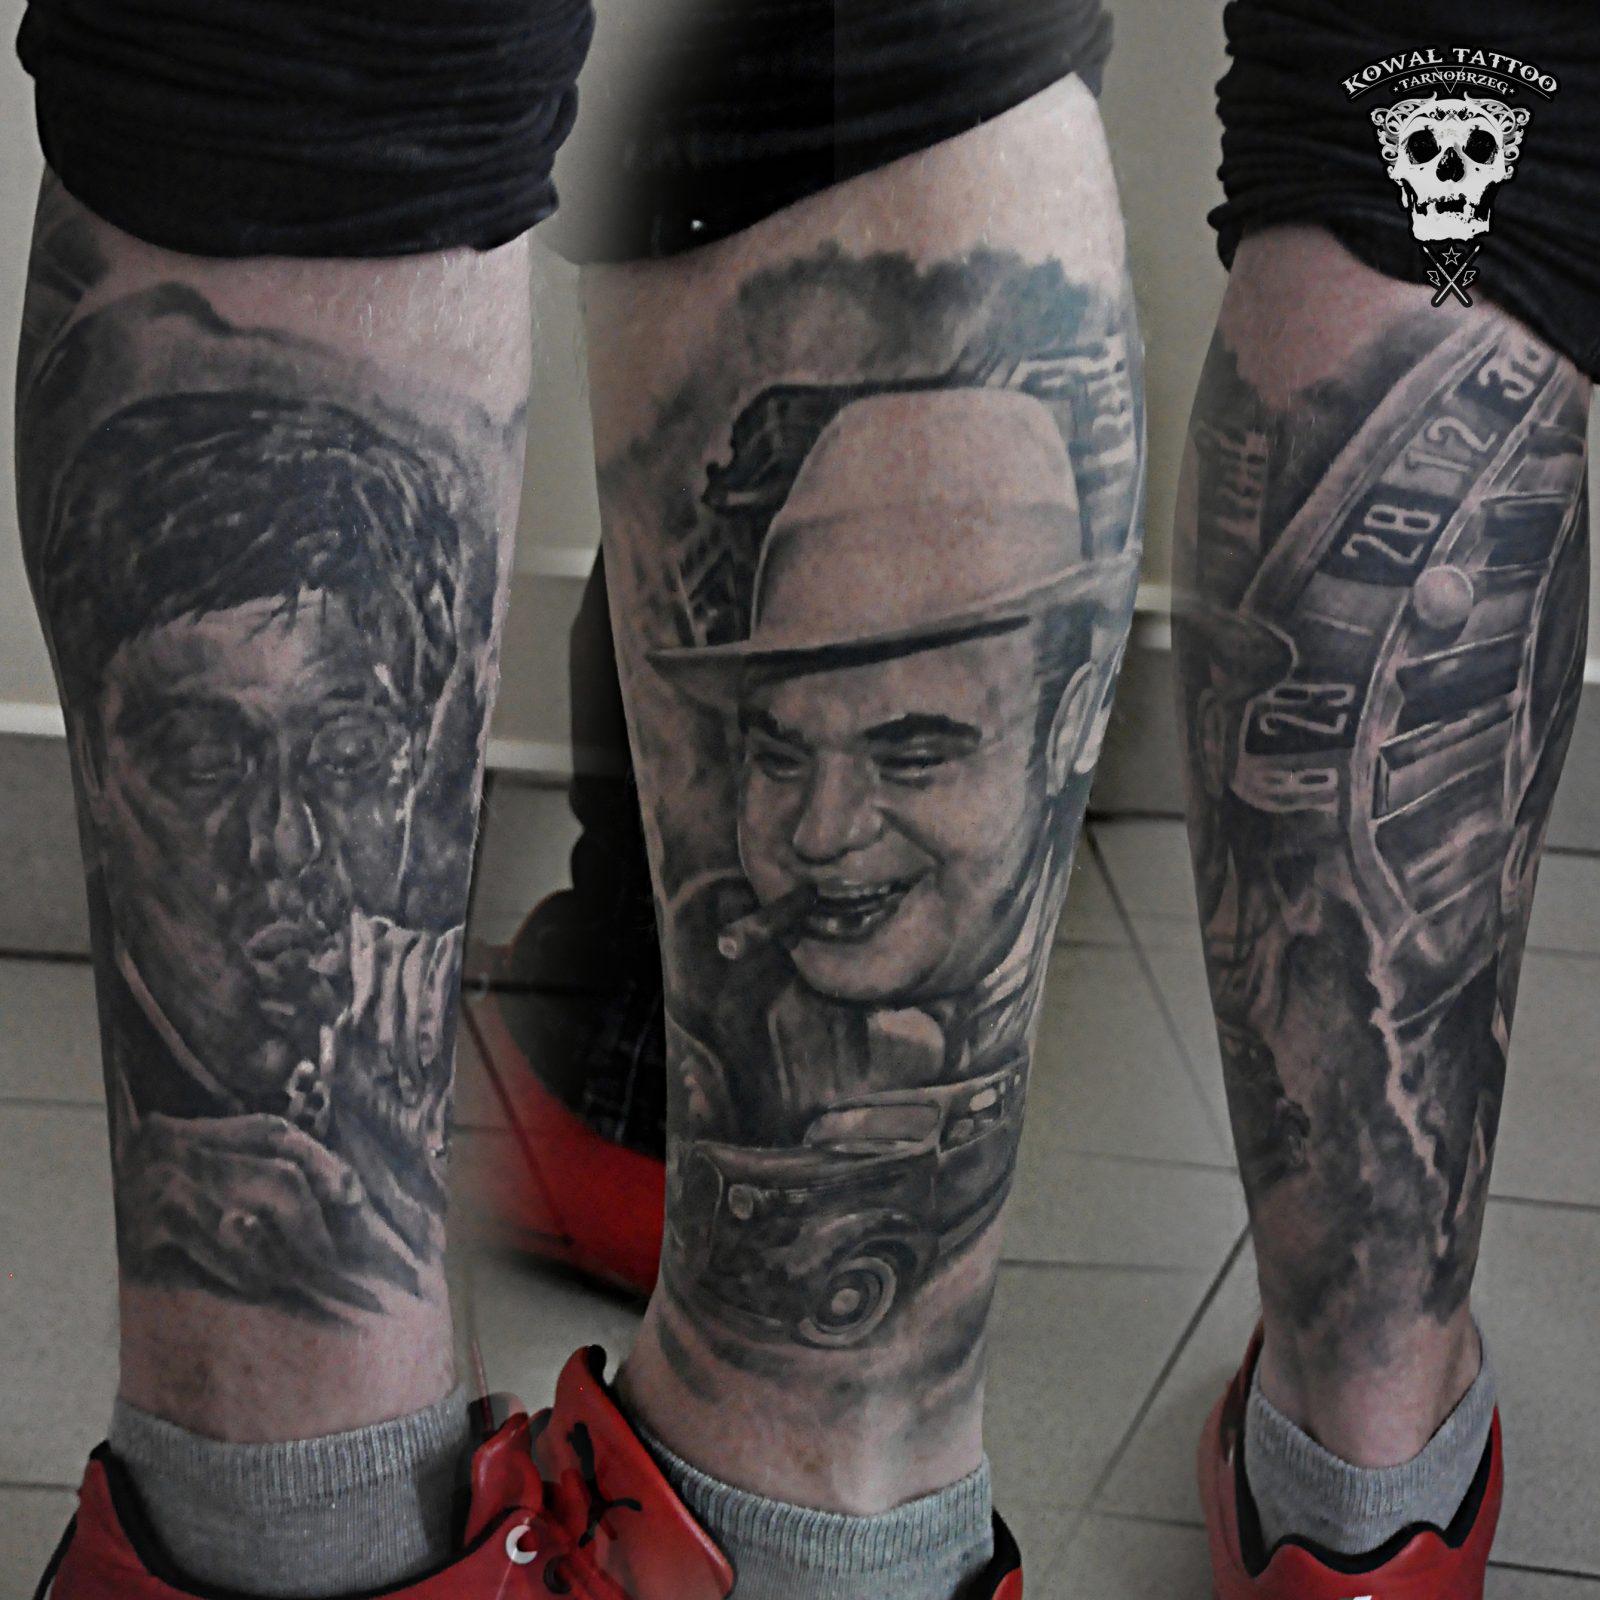 kowal-tattoo-tarnobrzeg-al-capone-copy